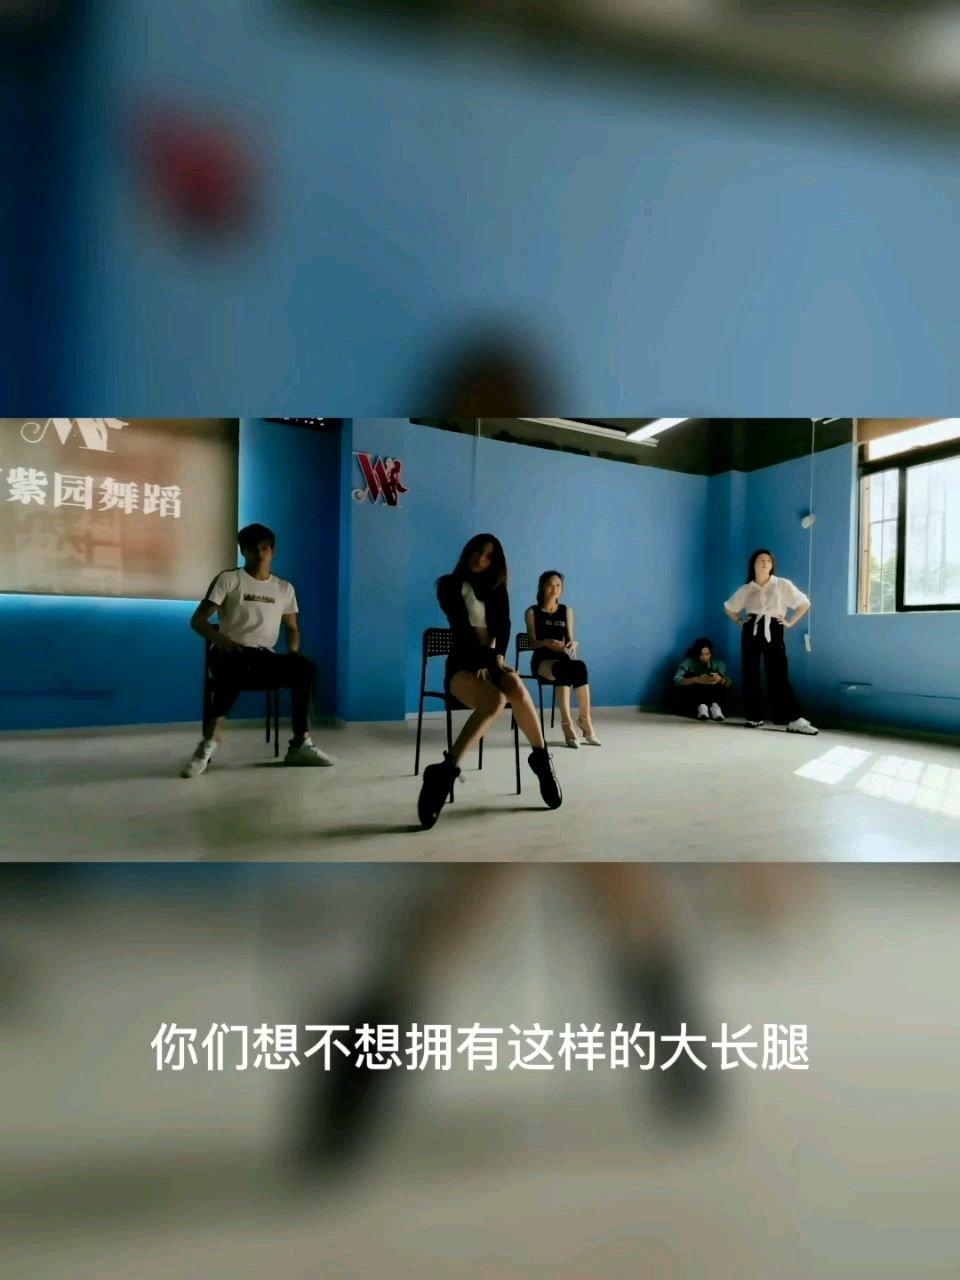 女生就应该配有这样的大长腿[呲牙]@盼盼舞蹈教学 #花椒好舞蹈